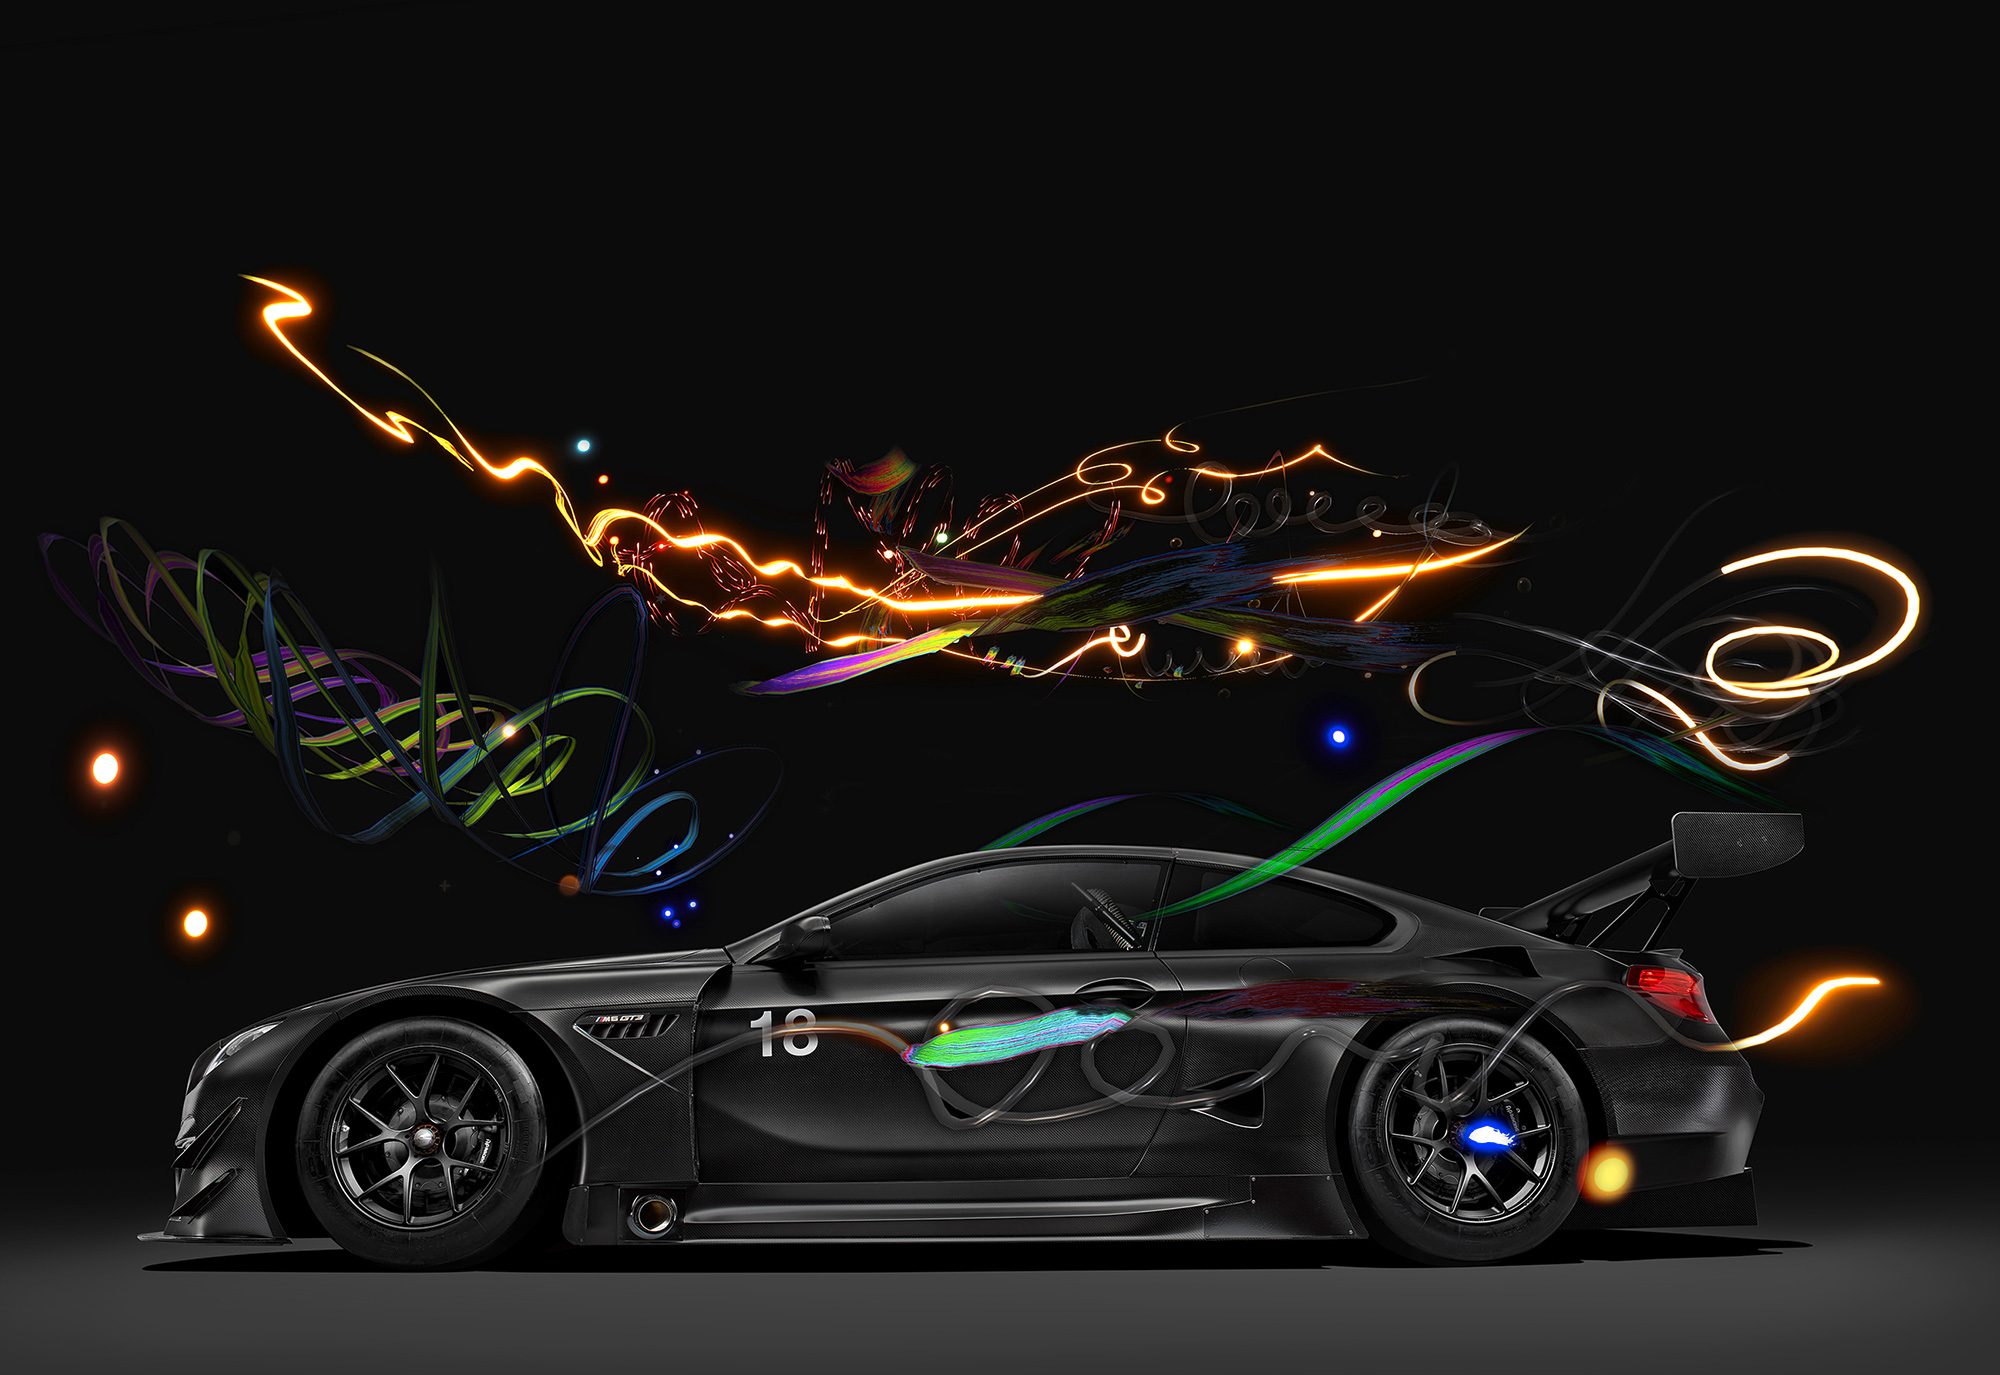 P90259902_highRes_bmw-art-car-18-by-ca.jpg